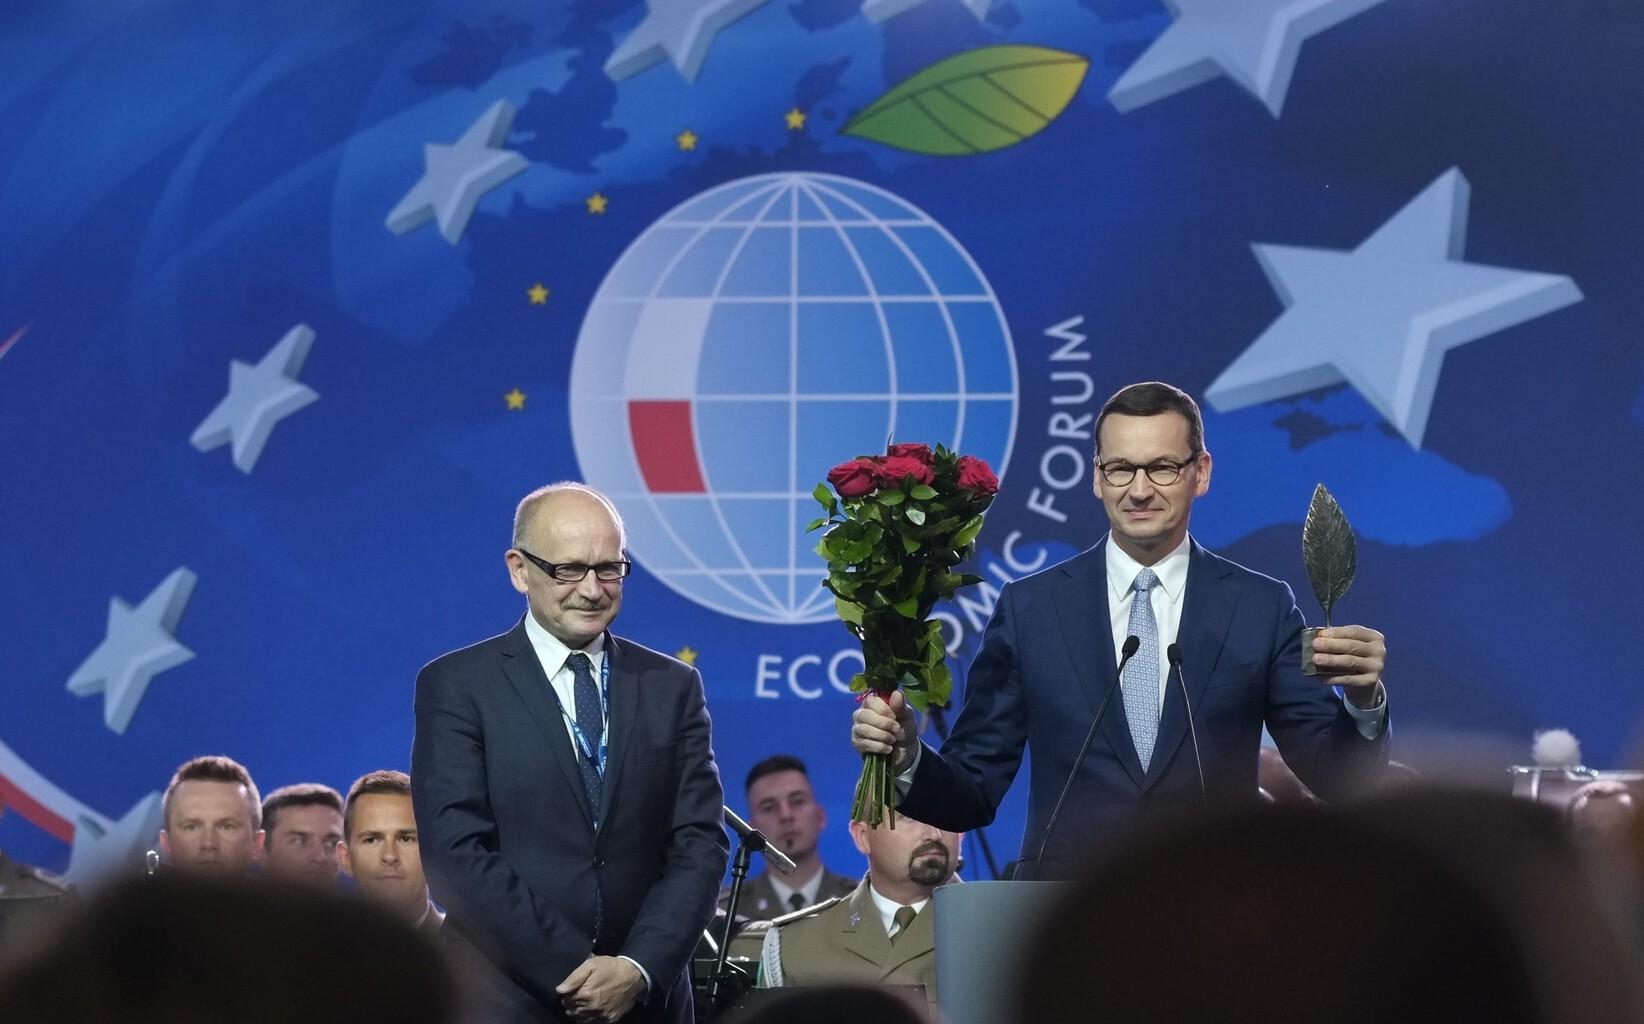 """Mateusz Morawiecki lengyel kormányfő kapta az Év embere díjat kapta a """"közép-európai kis-Davosnak"""" is nevezett Krynicai Nemzetközi Gazdasági Fórumon, amelyet idén 29. alkalommal rendeztek meg. Fotó:Tóth Tibor #moszkvater"""